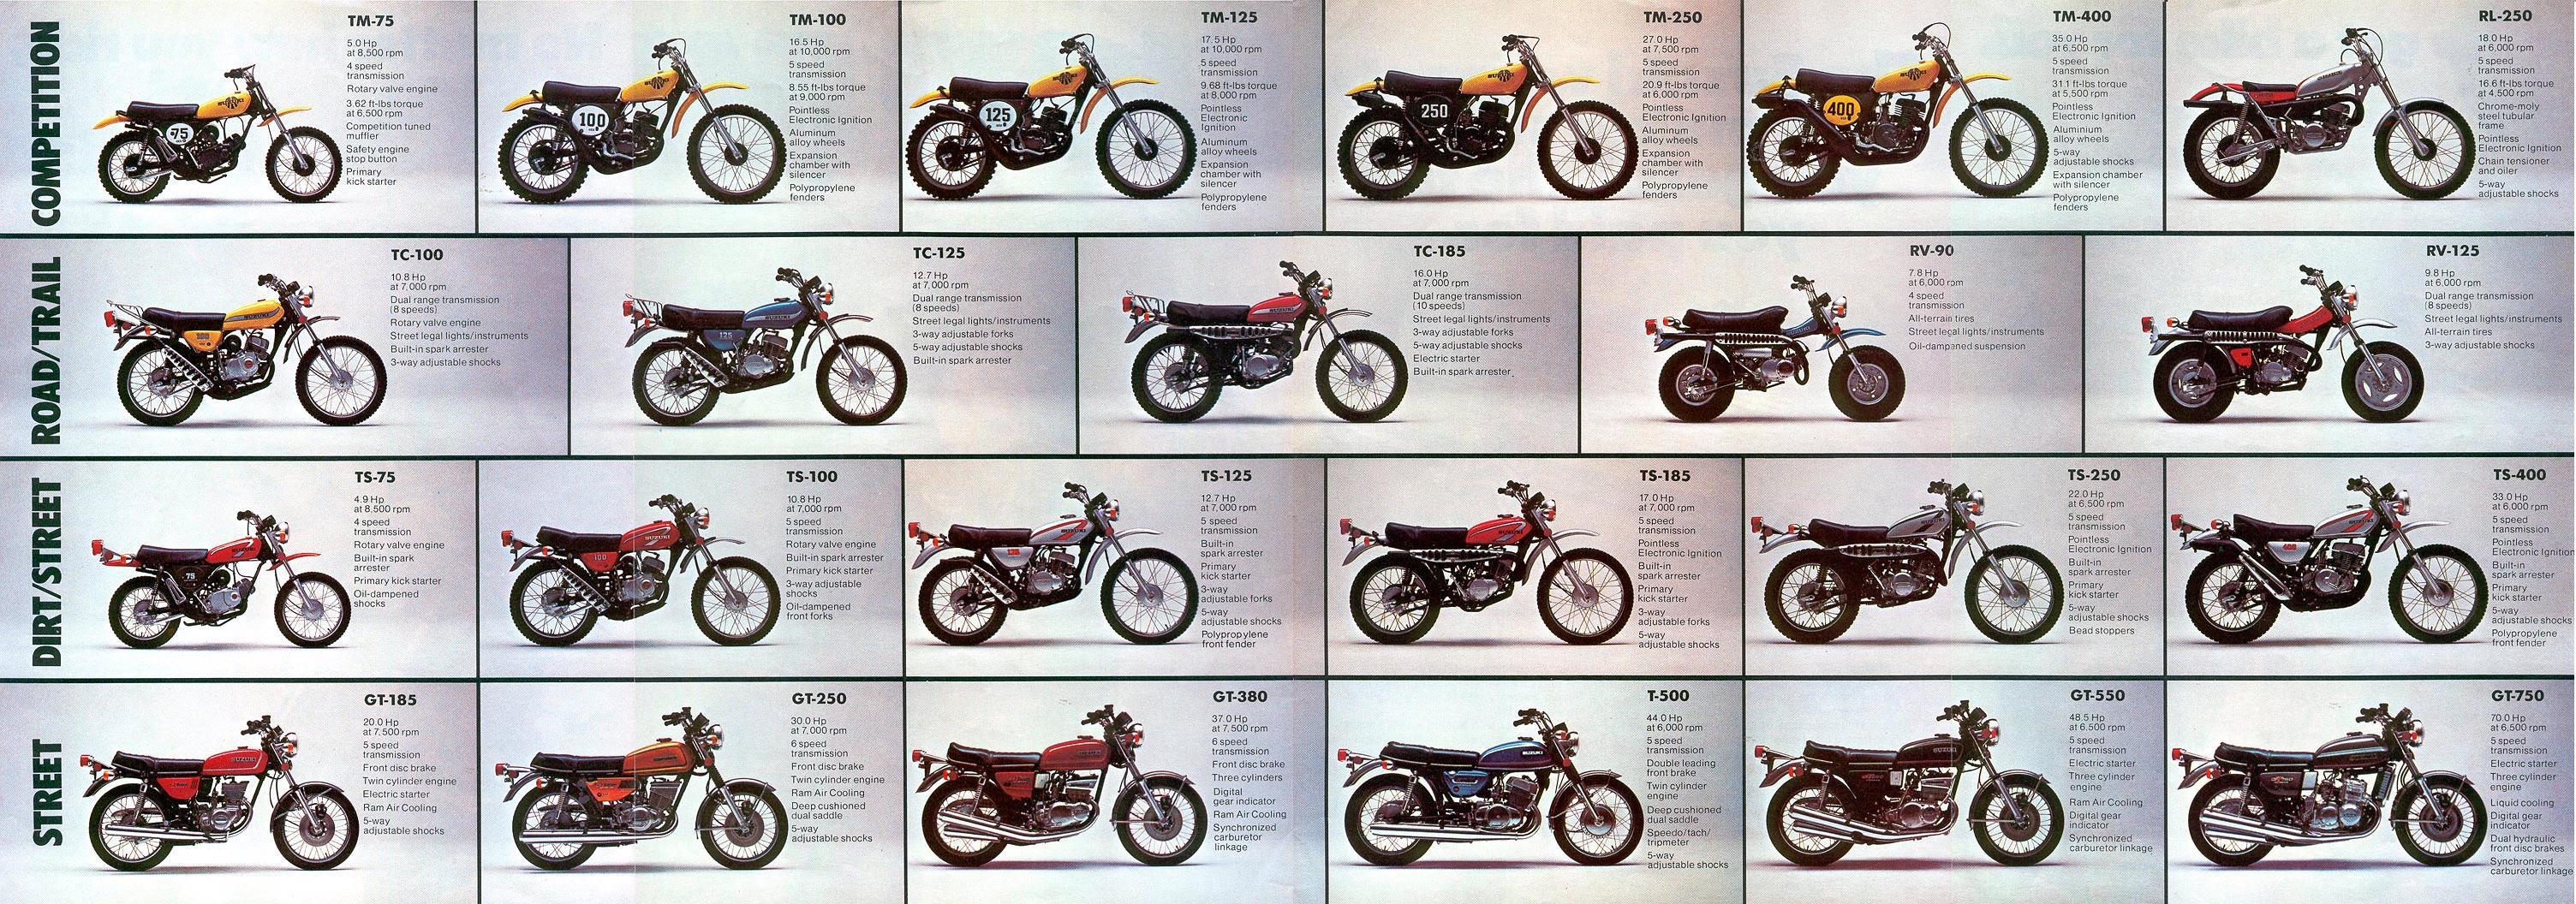 suzuki « myrons mopeds  myrons mopeds